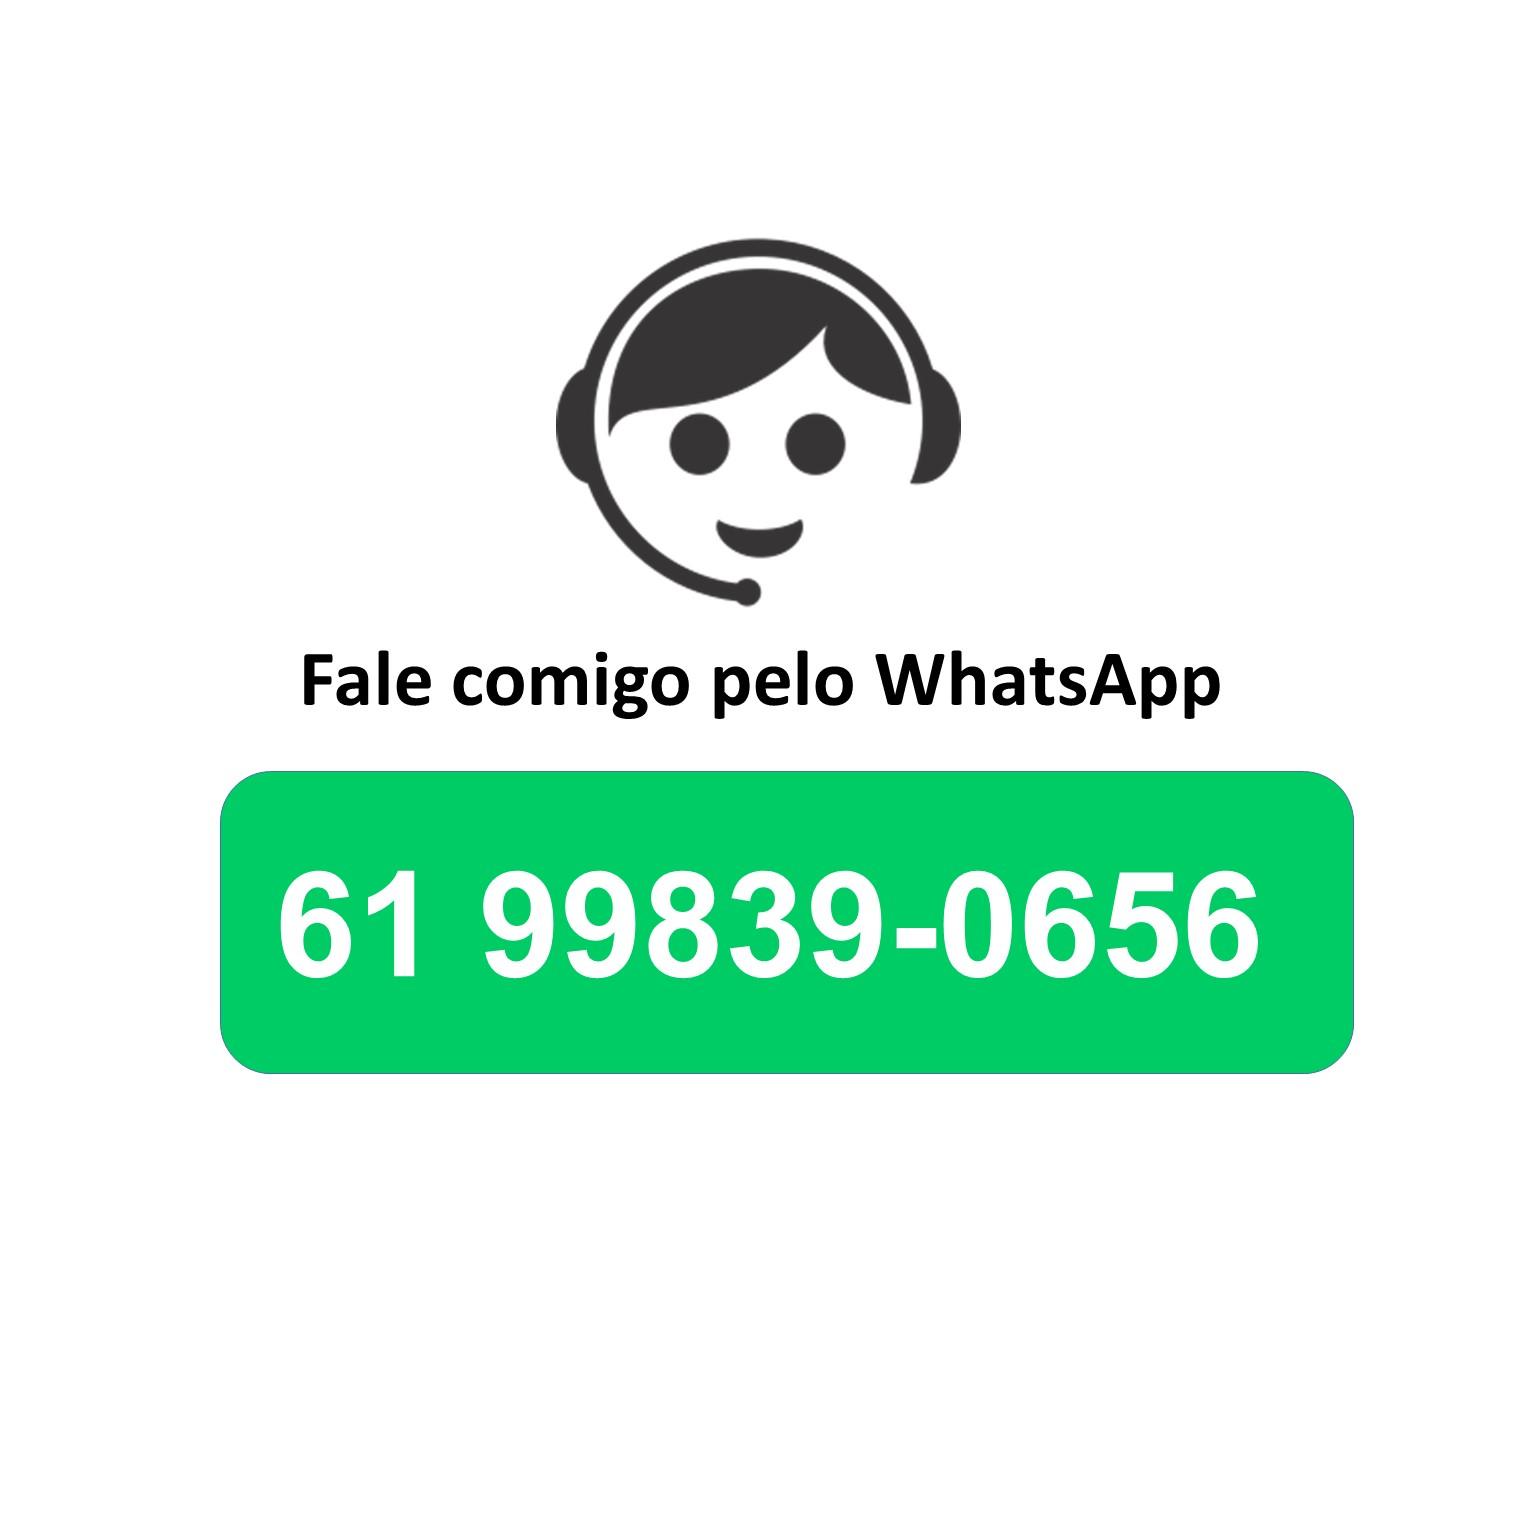 https://api.whatsapp.com/send?phone=5561998390656&text=Gostaria%20de%20mais%20informa%C3%A7%C3%B5es%20do%20Programa%20Carreira%20Descomplicada